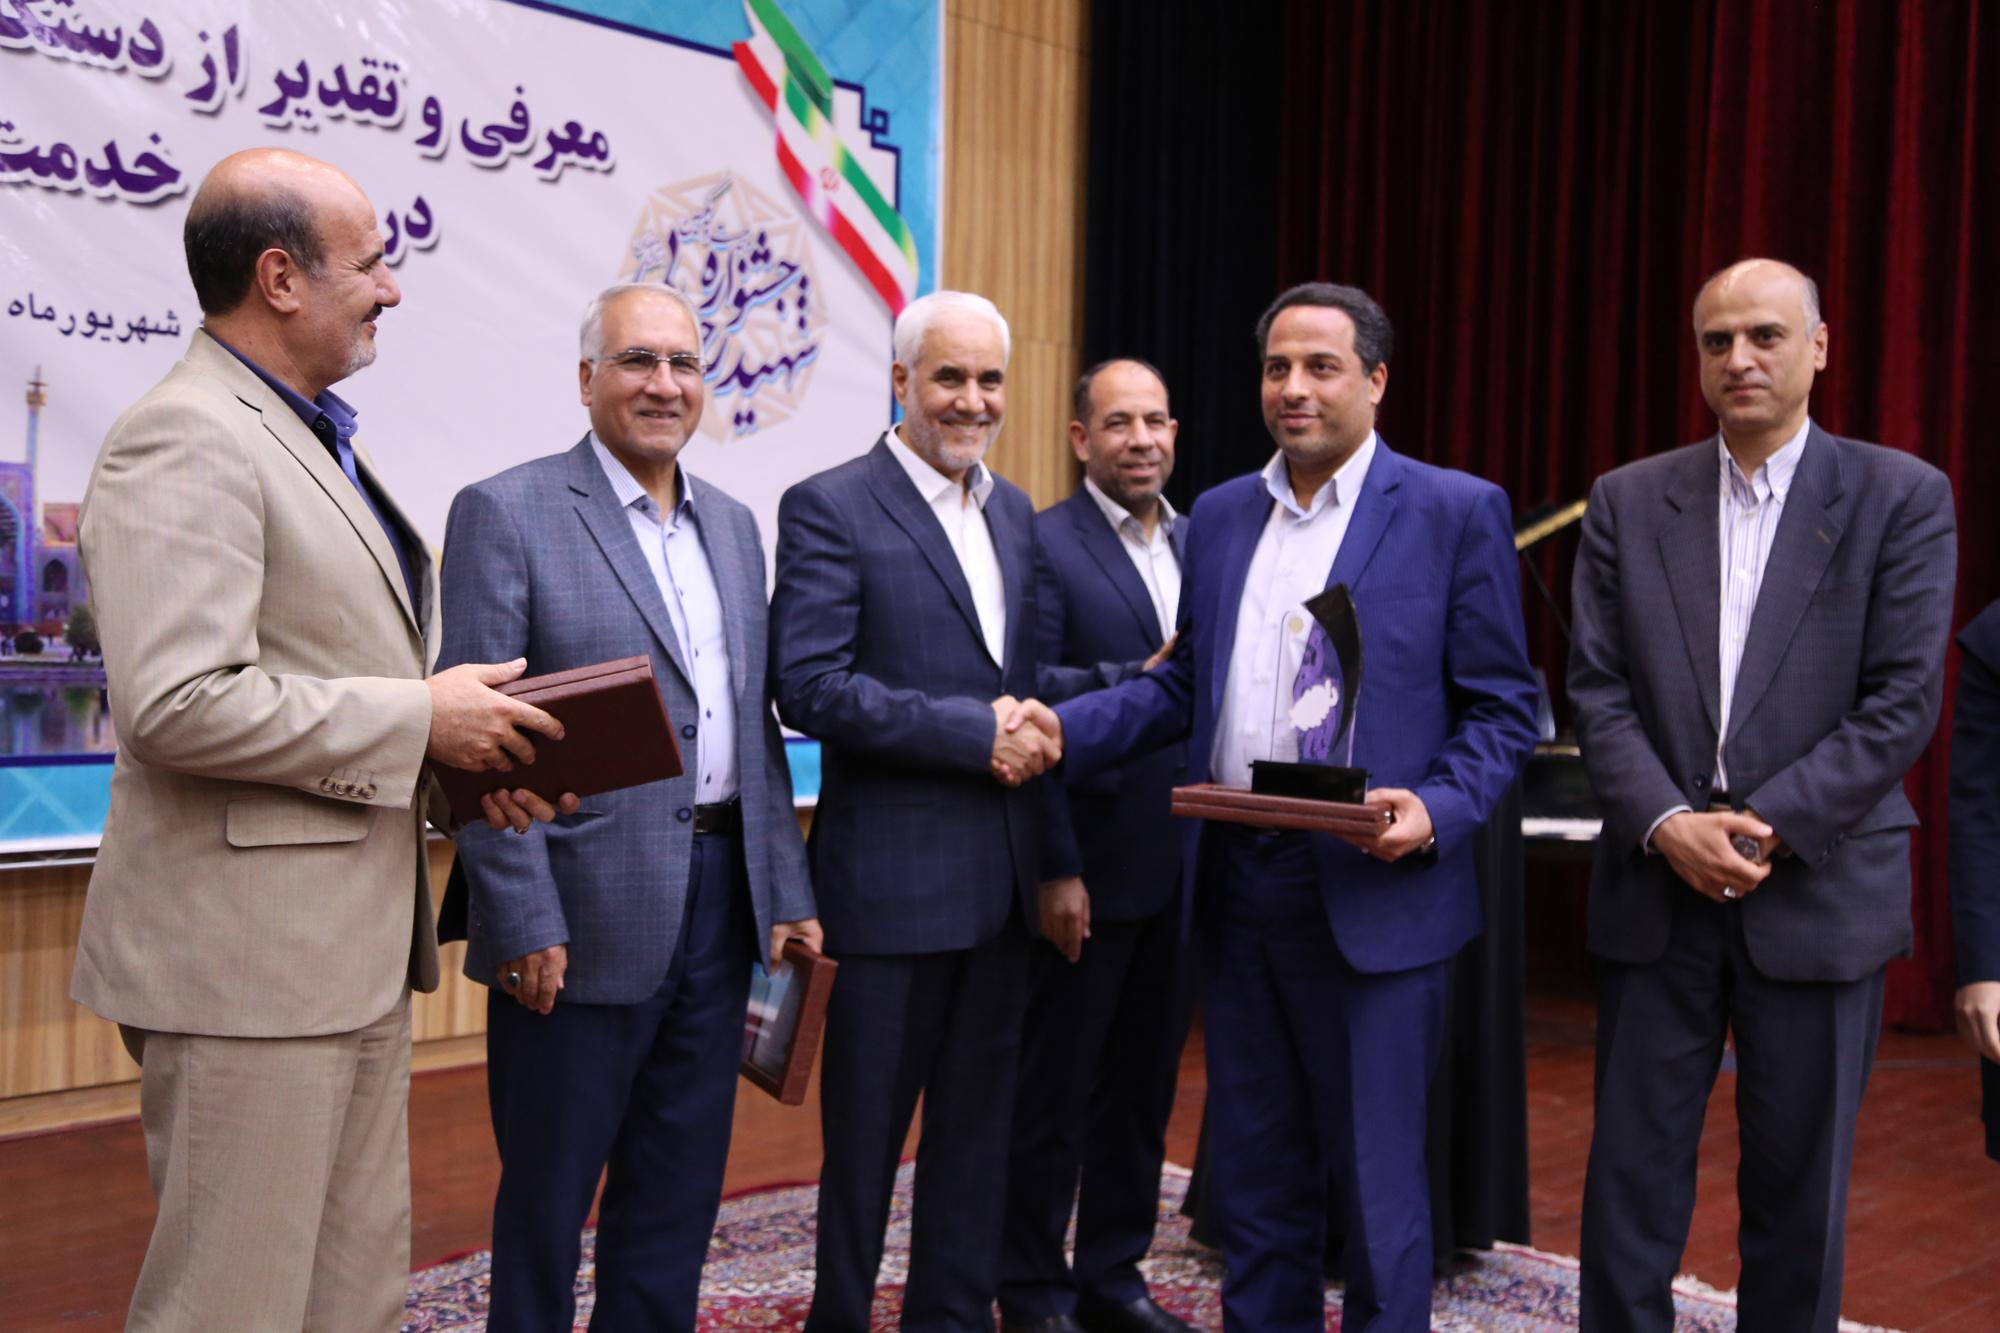 اصفهان- جشنواره شهید رجایی